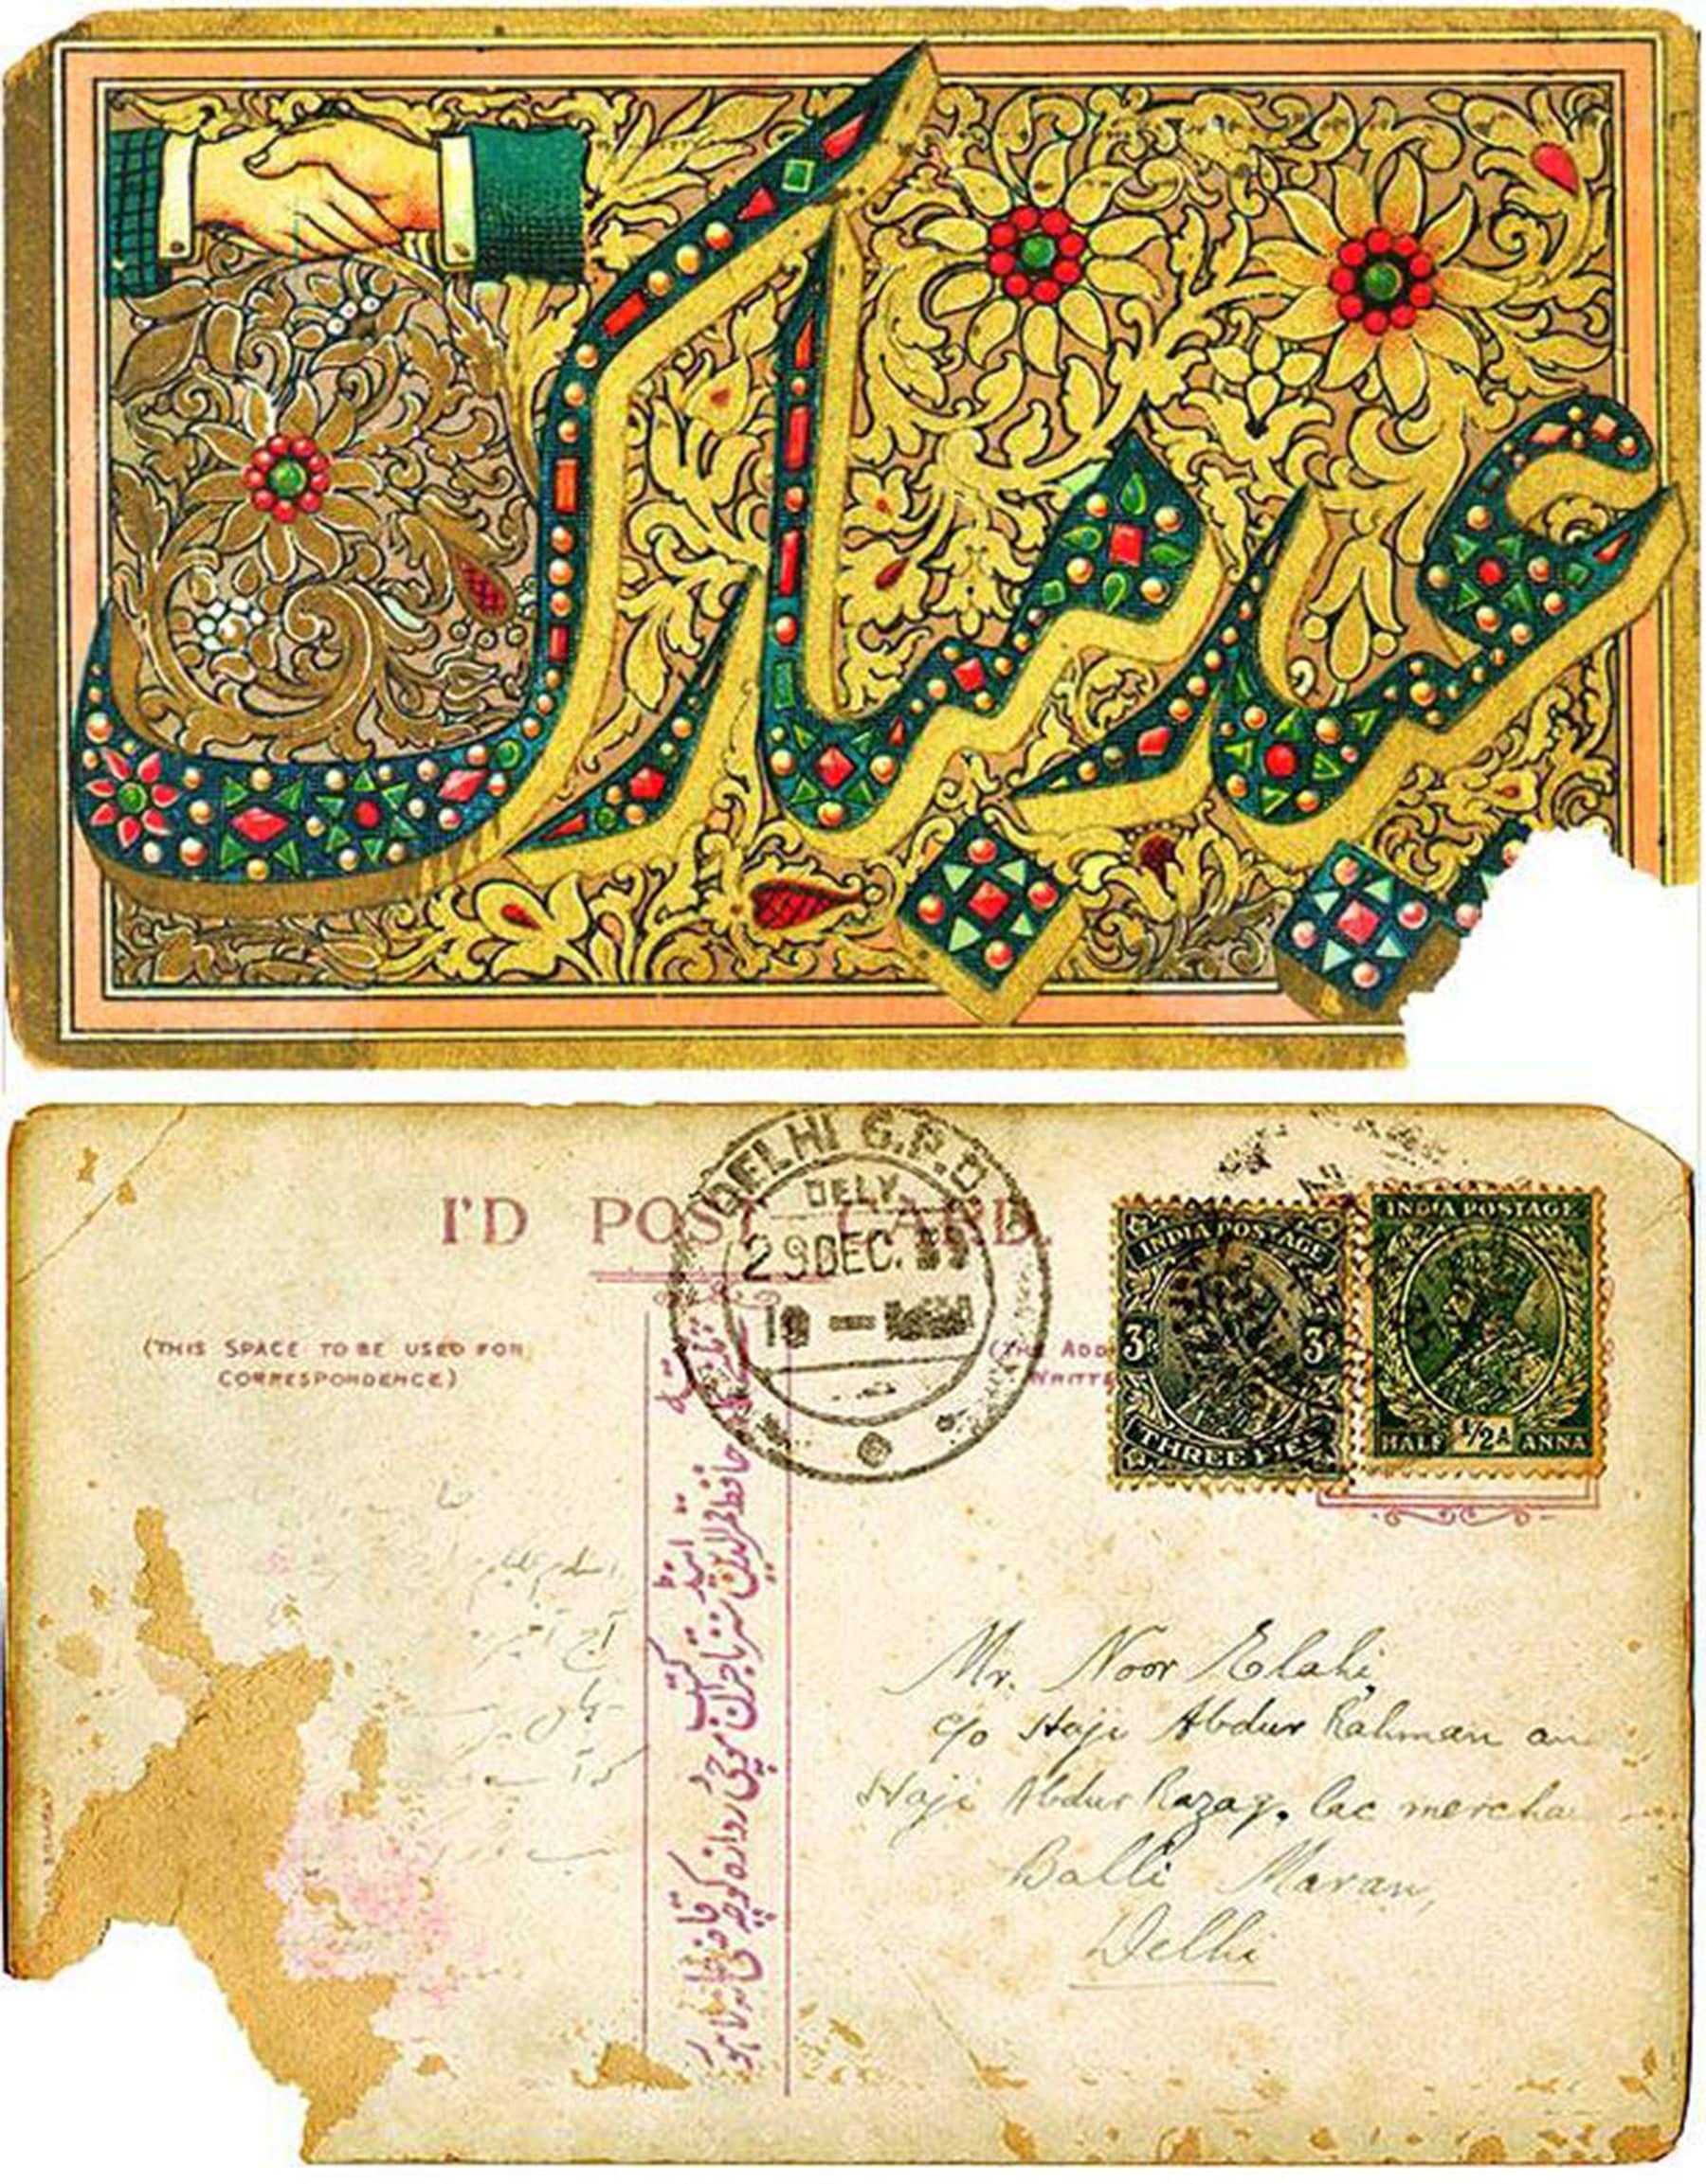 پھولوں کے ڈیزائن والا عید کارڈ، جو حافظ قمر الدین اینڈ سنز نے لاہور سے 24 دسمبر 1935 کو شائع کیا۔